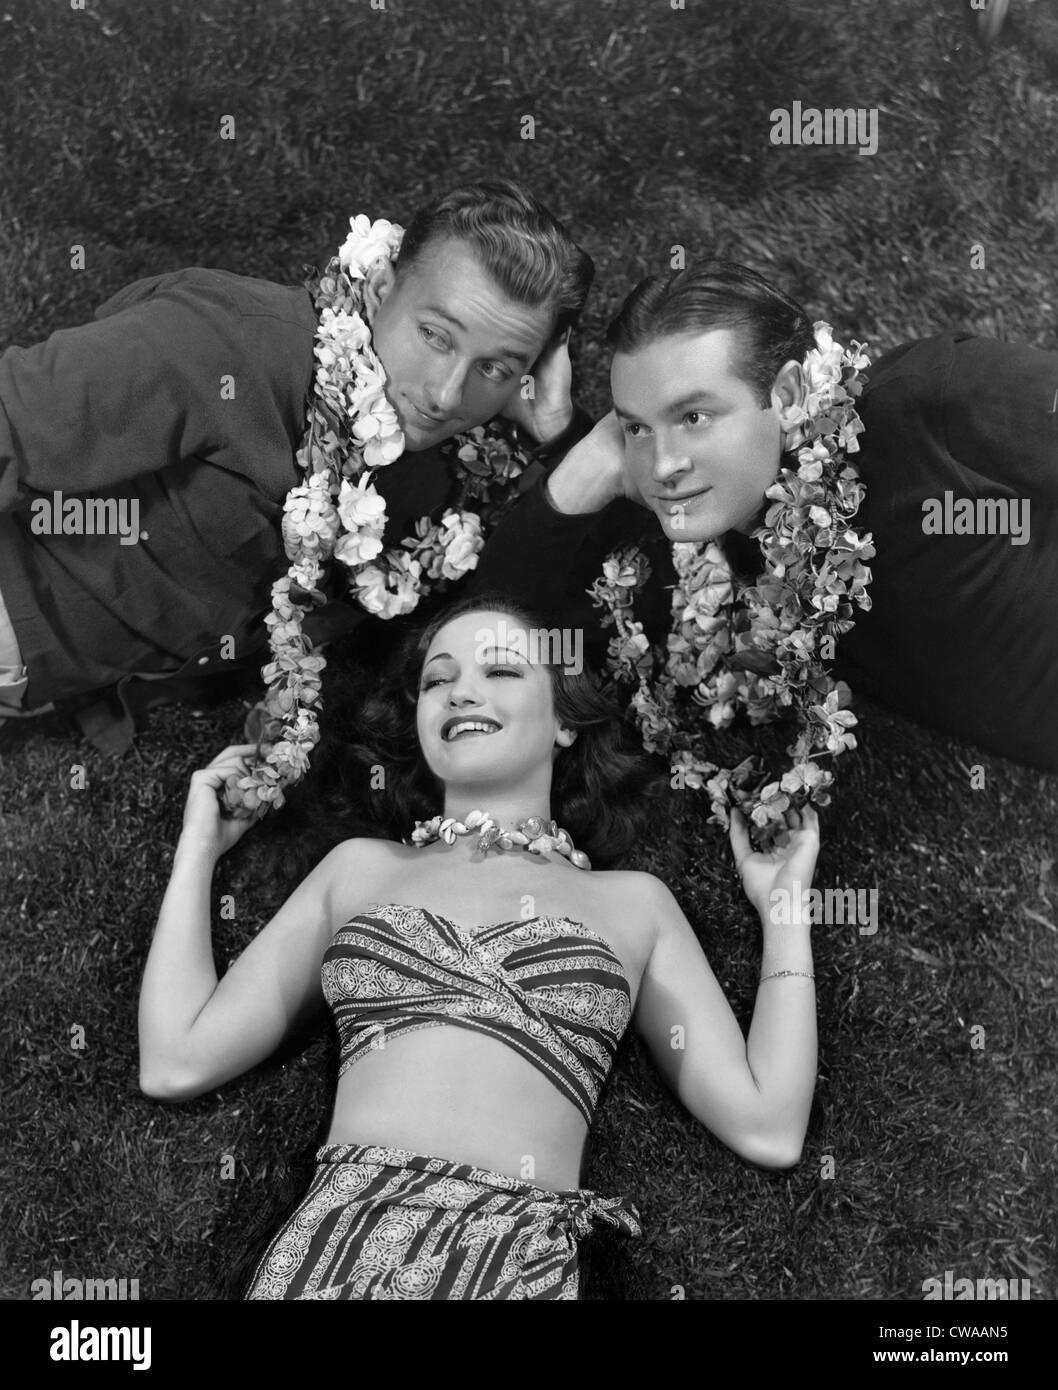 Strada DI SINGAPORE, Bing Crosby, Dorothy Lamour, Bob Hope, 1940.. La cortesia: CSU Archivi / Everett Collection Immagini Stock